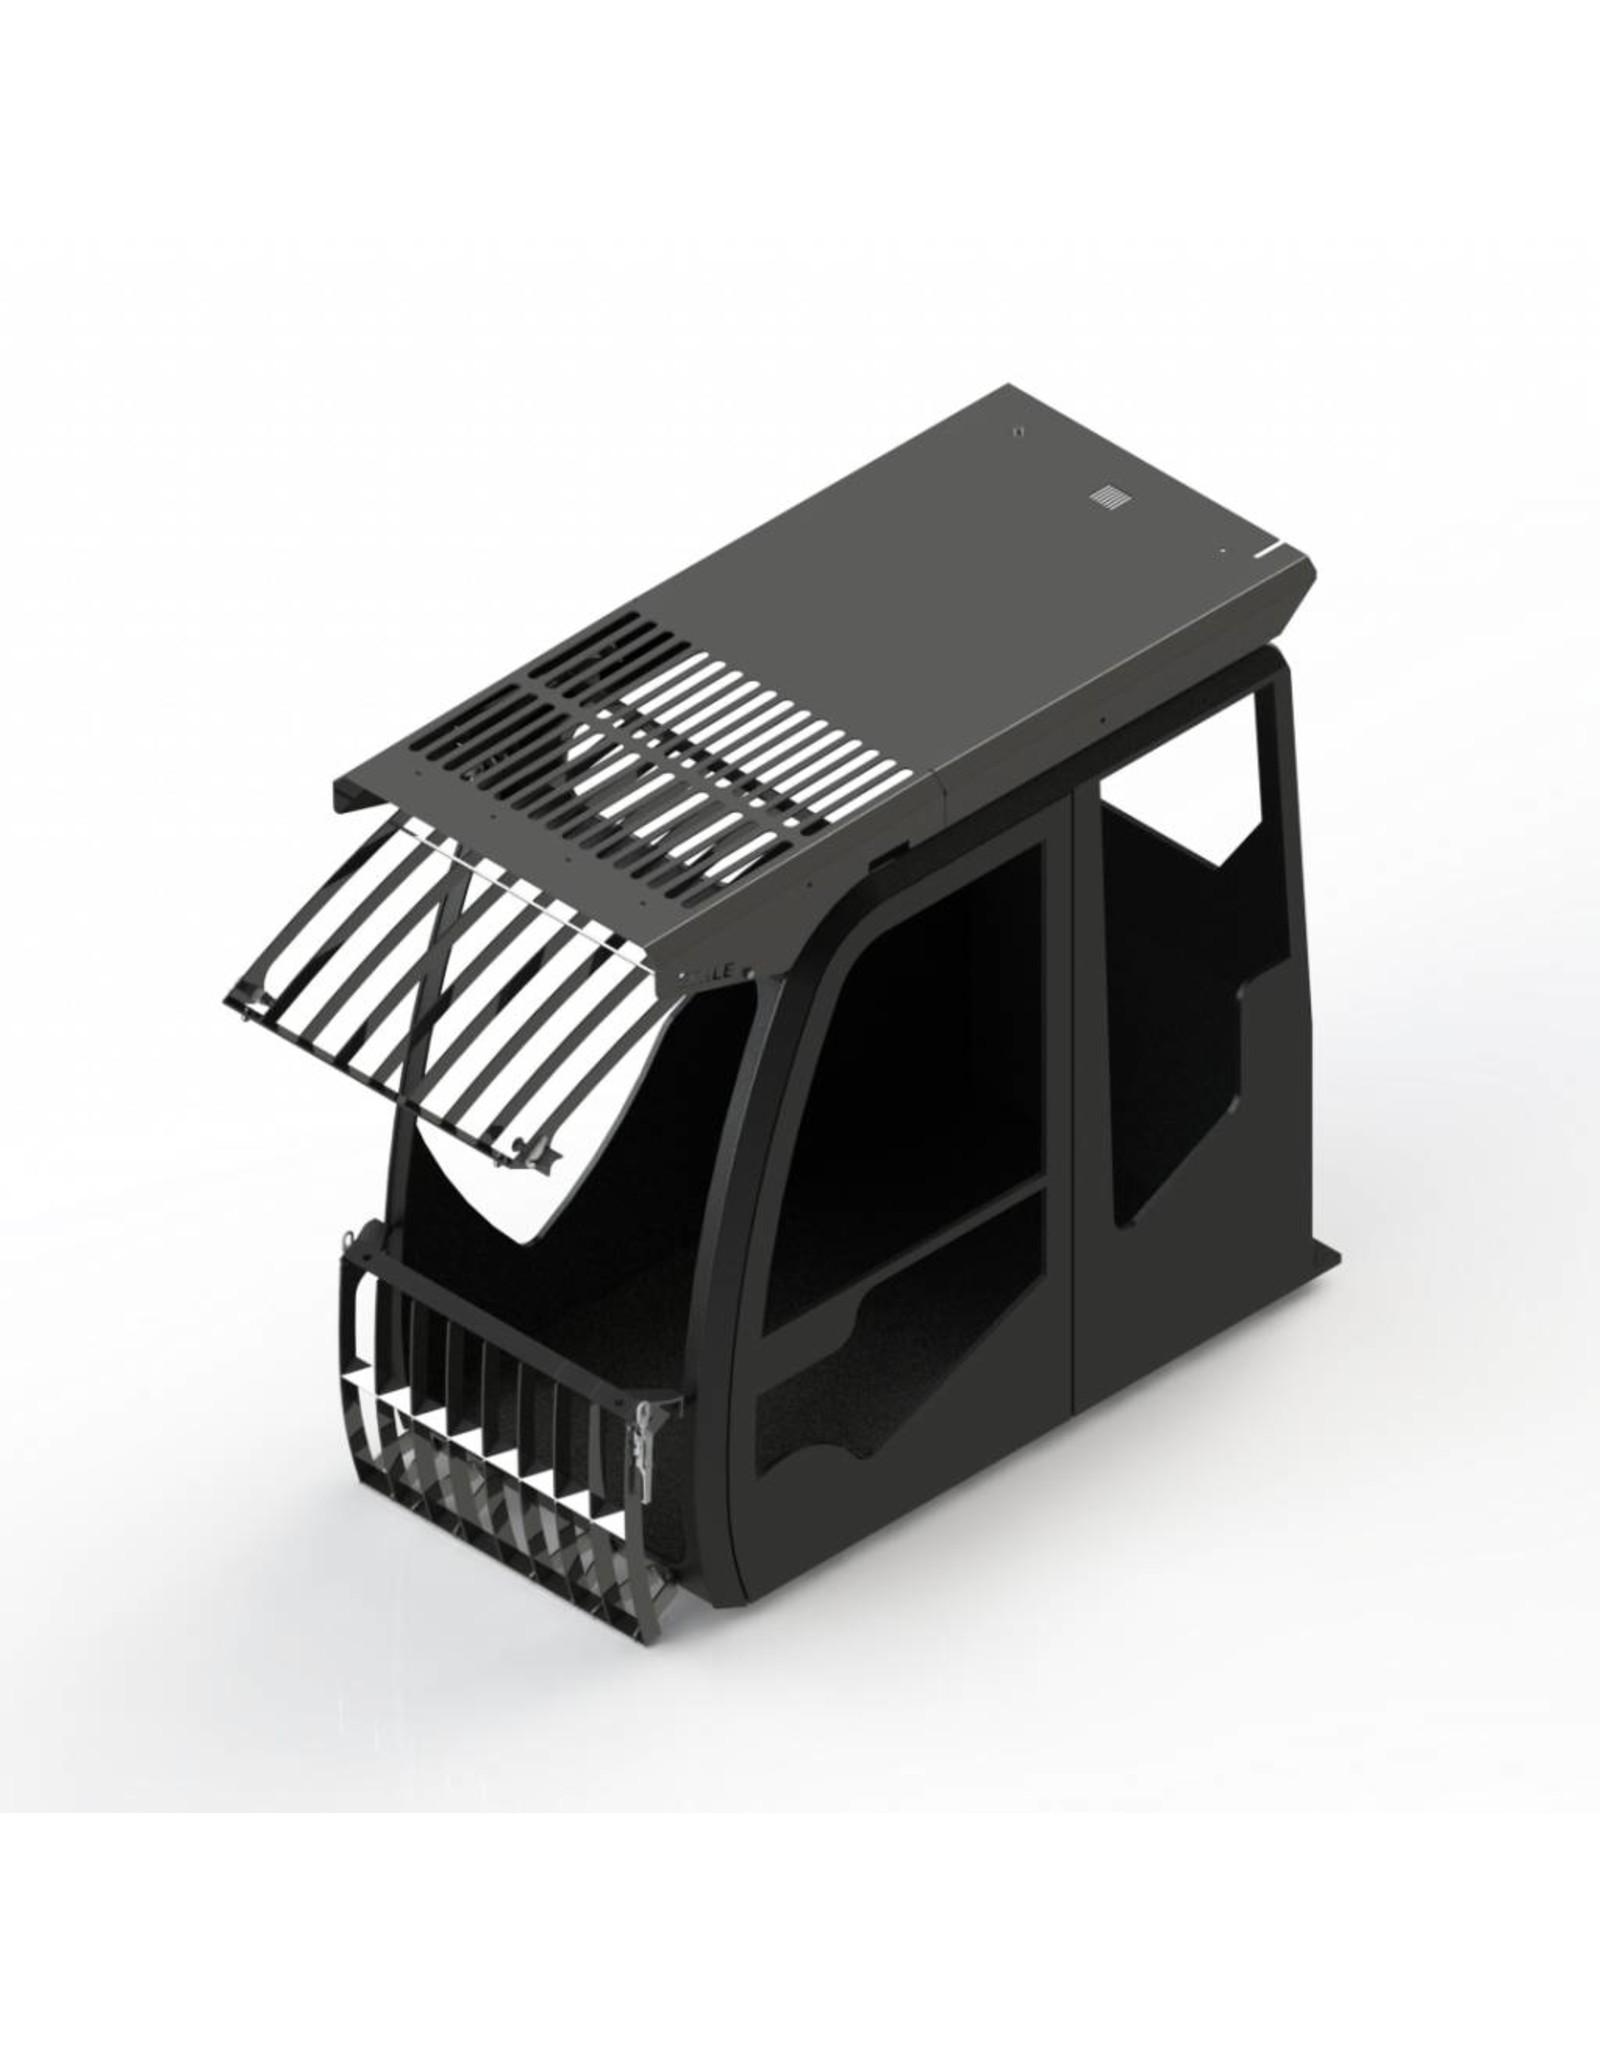 Echle Hartstahl GmbH FOPS für Komatsu PW180-10/11